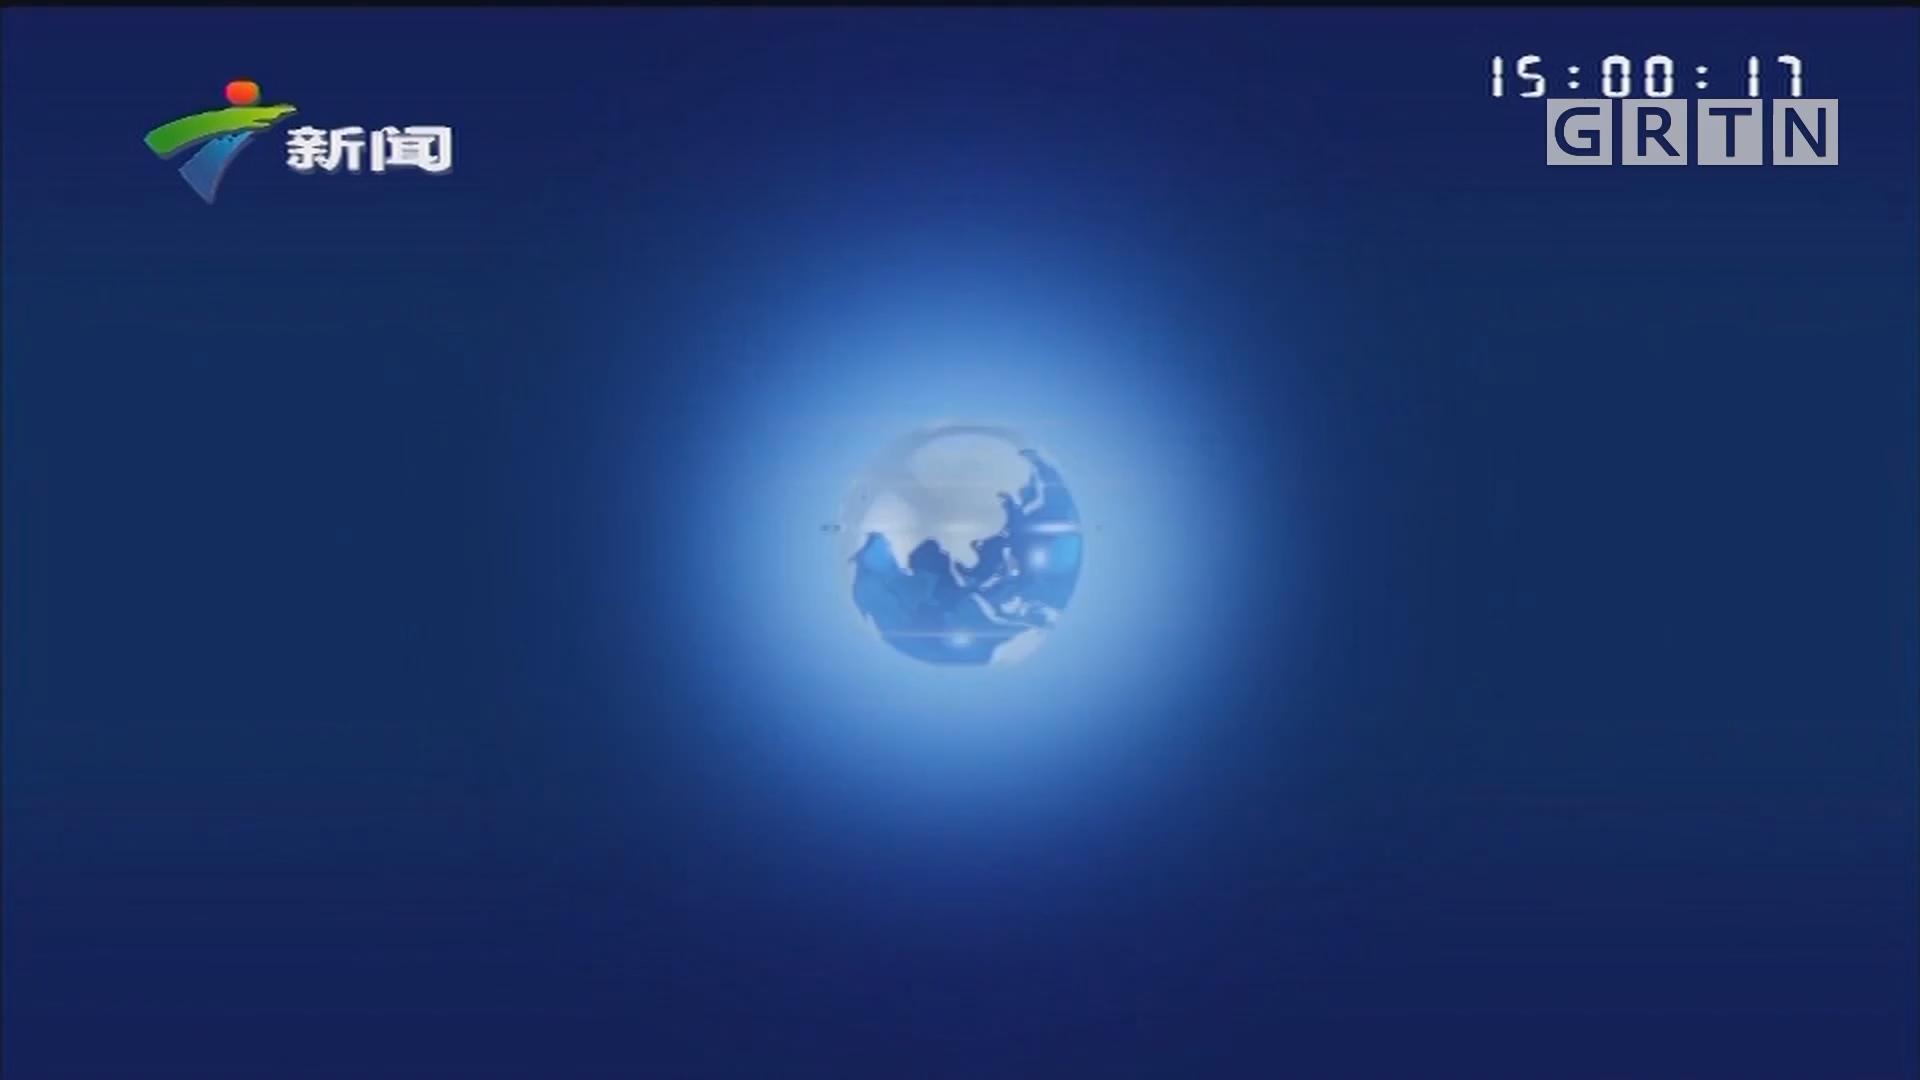 [HD][2019-11-15]正點播報:世界杯亞洲區預選賽四十強賽:攻防欠佳 國足失掉關鍵戰